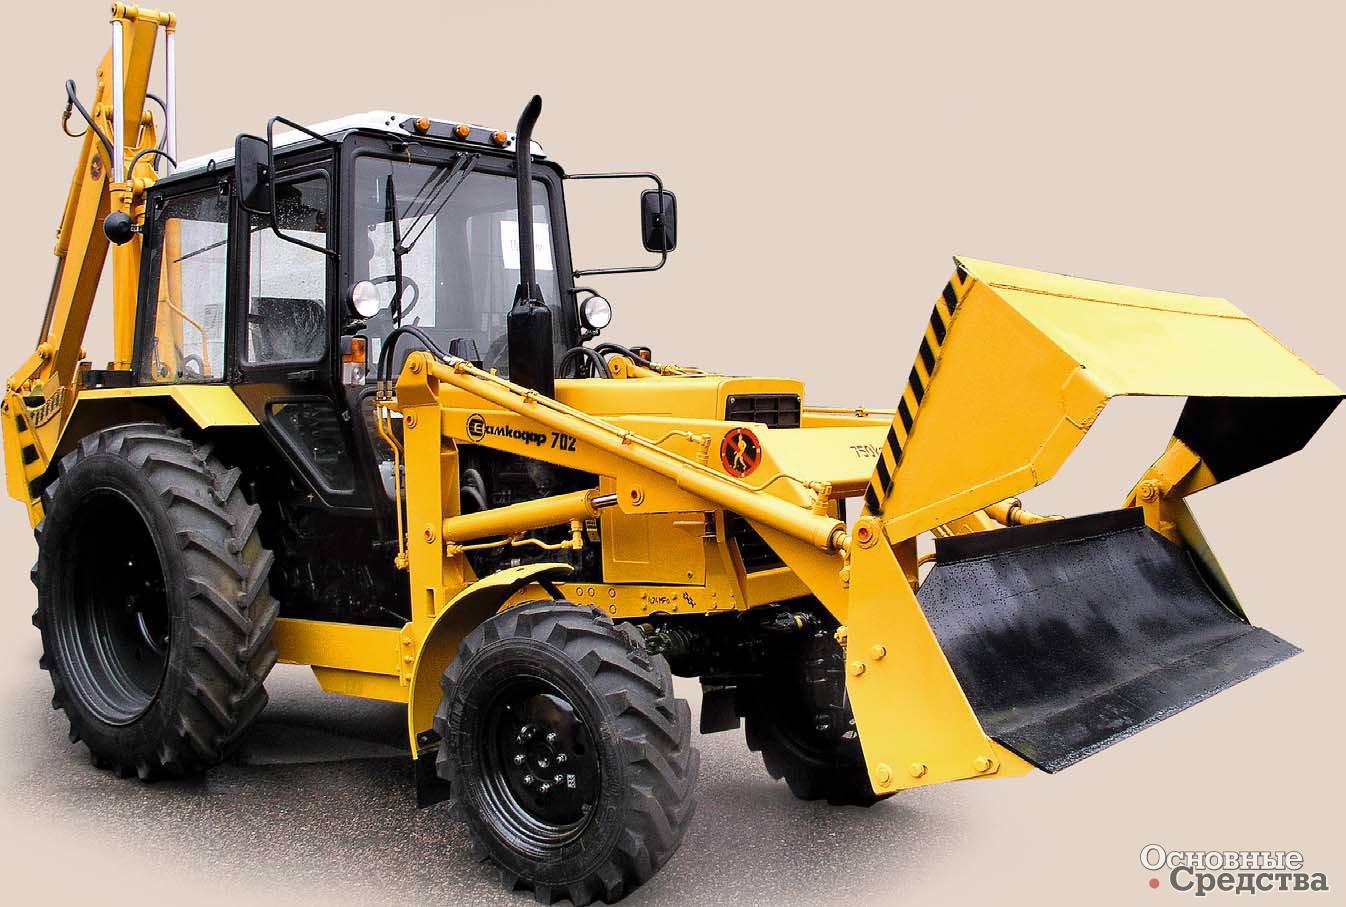 экскаватор погрузчик колесный, производители и популярные модели